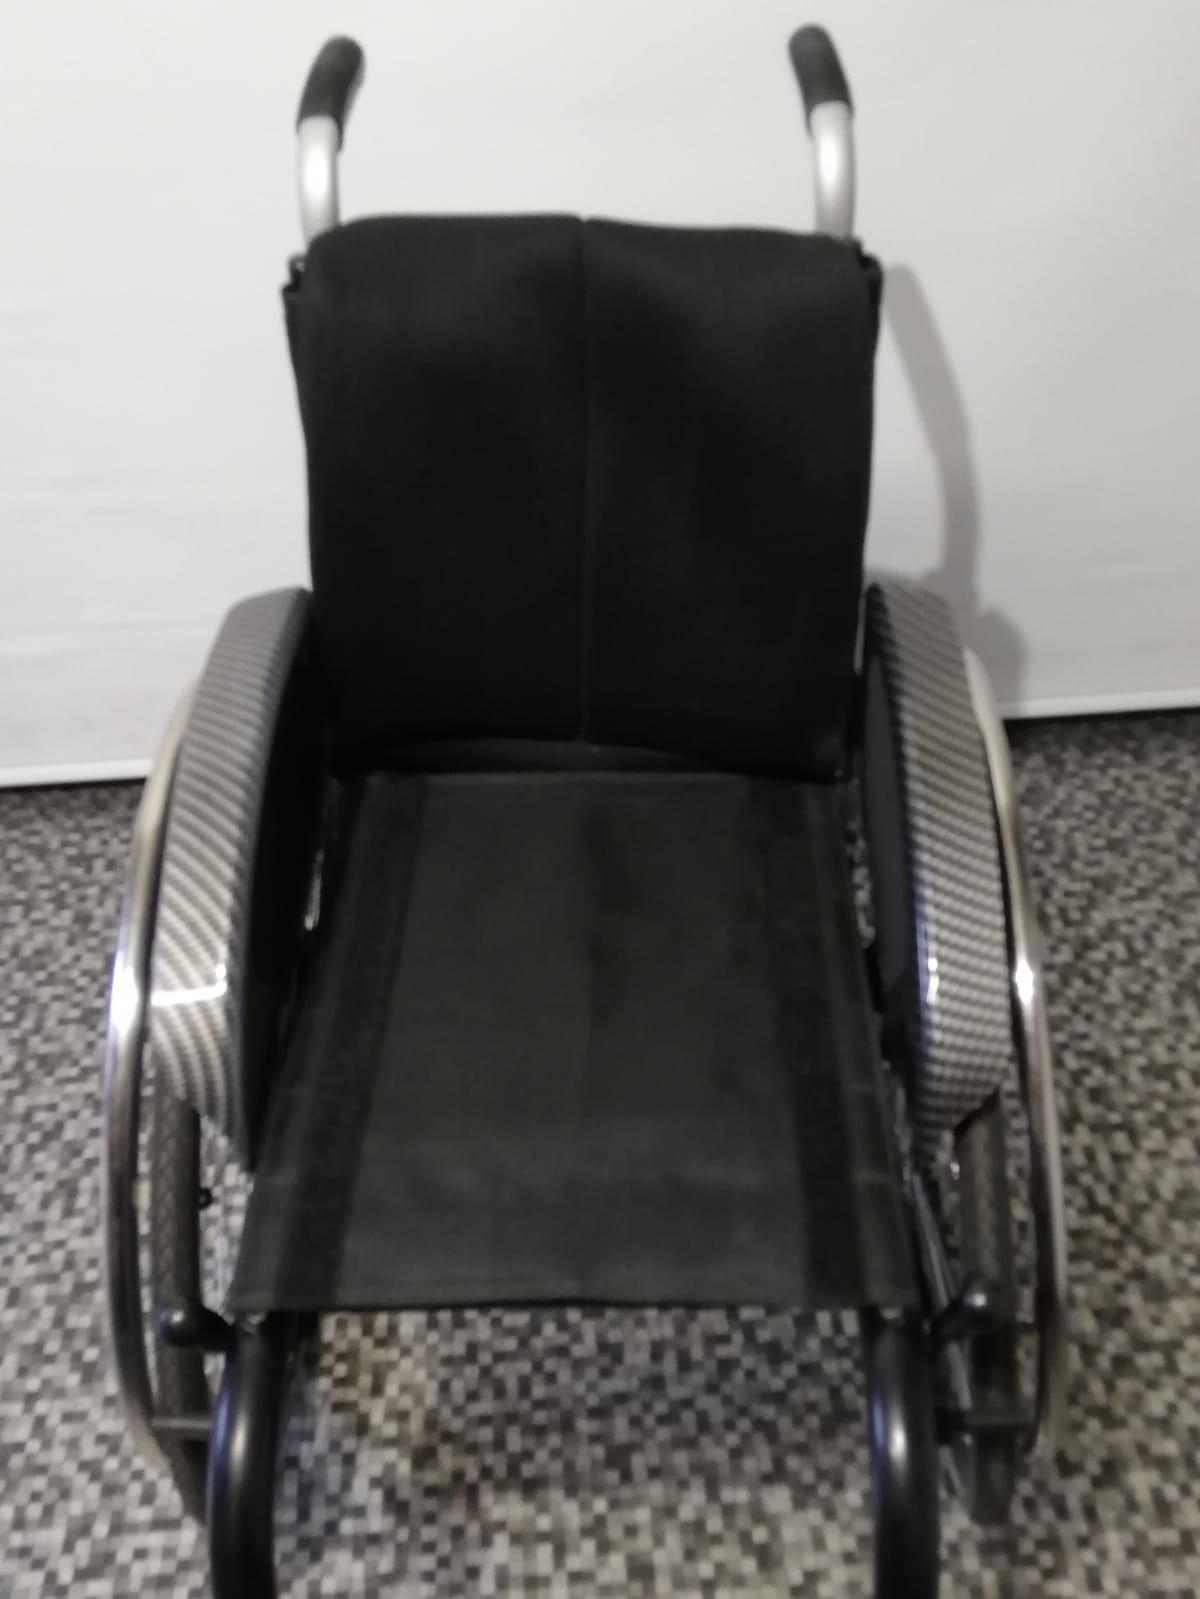 bvj5Zd - Berollka Cobra Spor Alman markası aktif tekerlekli sandalye satılıktır